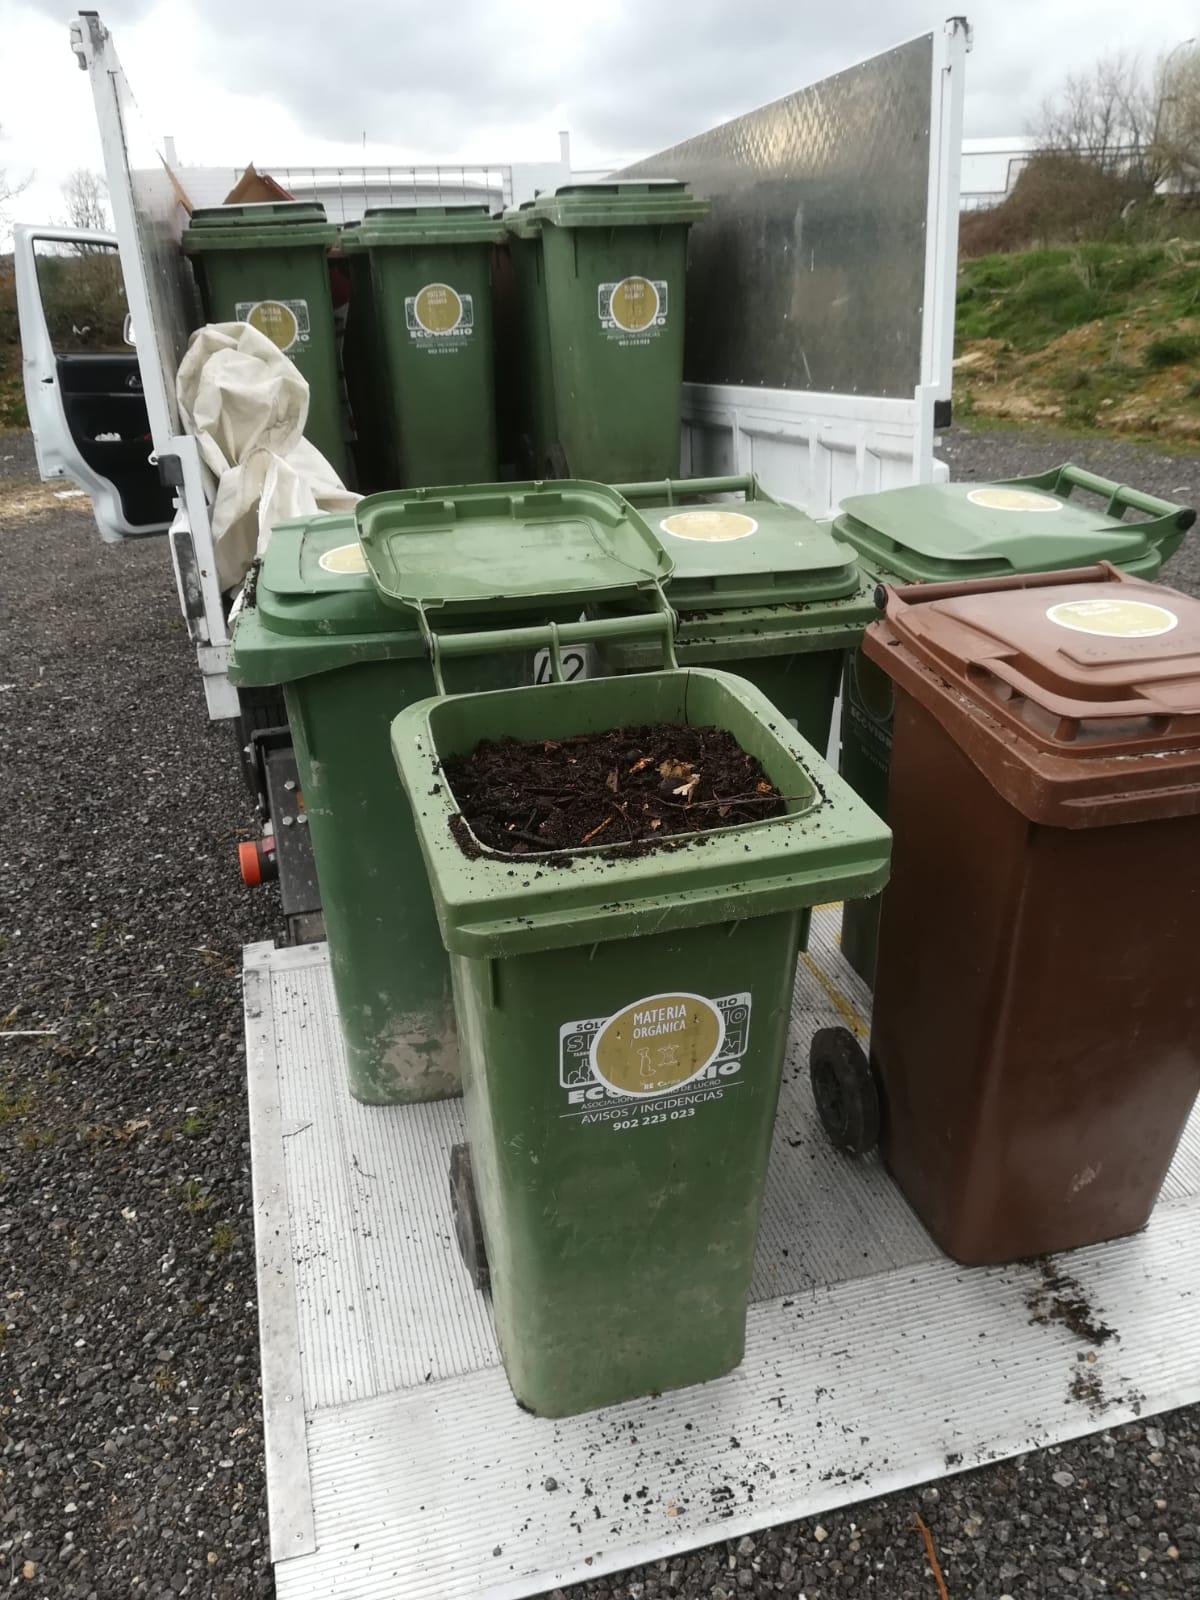 O Programa RE reparte 5.000 litros de compost xerado nas illas de compostaxe comunitaria.